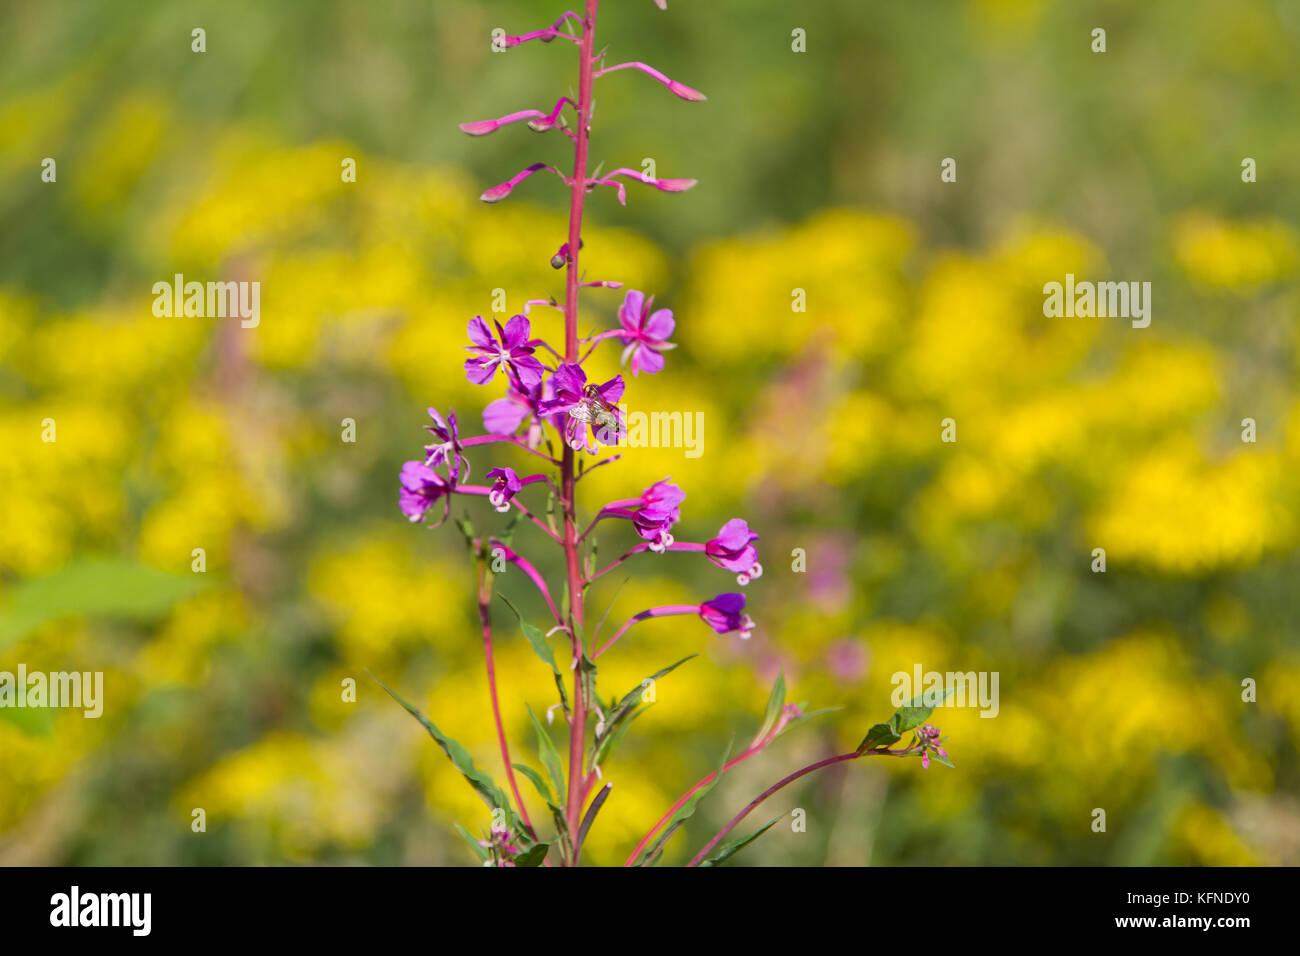 rot blühend auf gelben Hintergrund schmalblättriges Weidenröschen - Stock Image